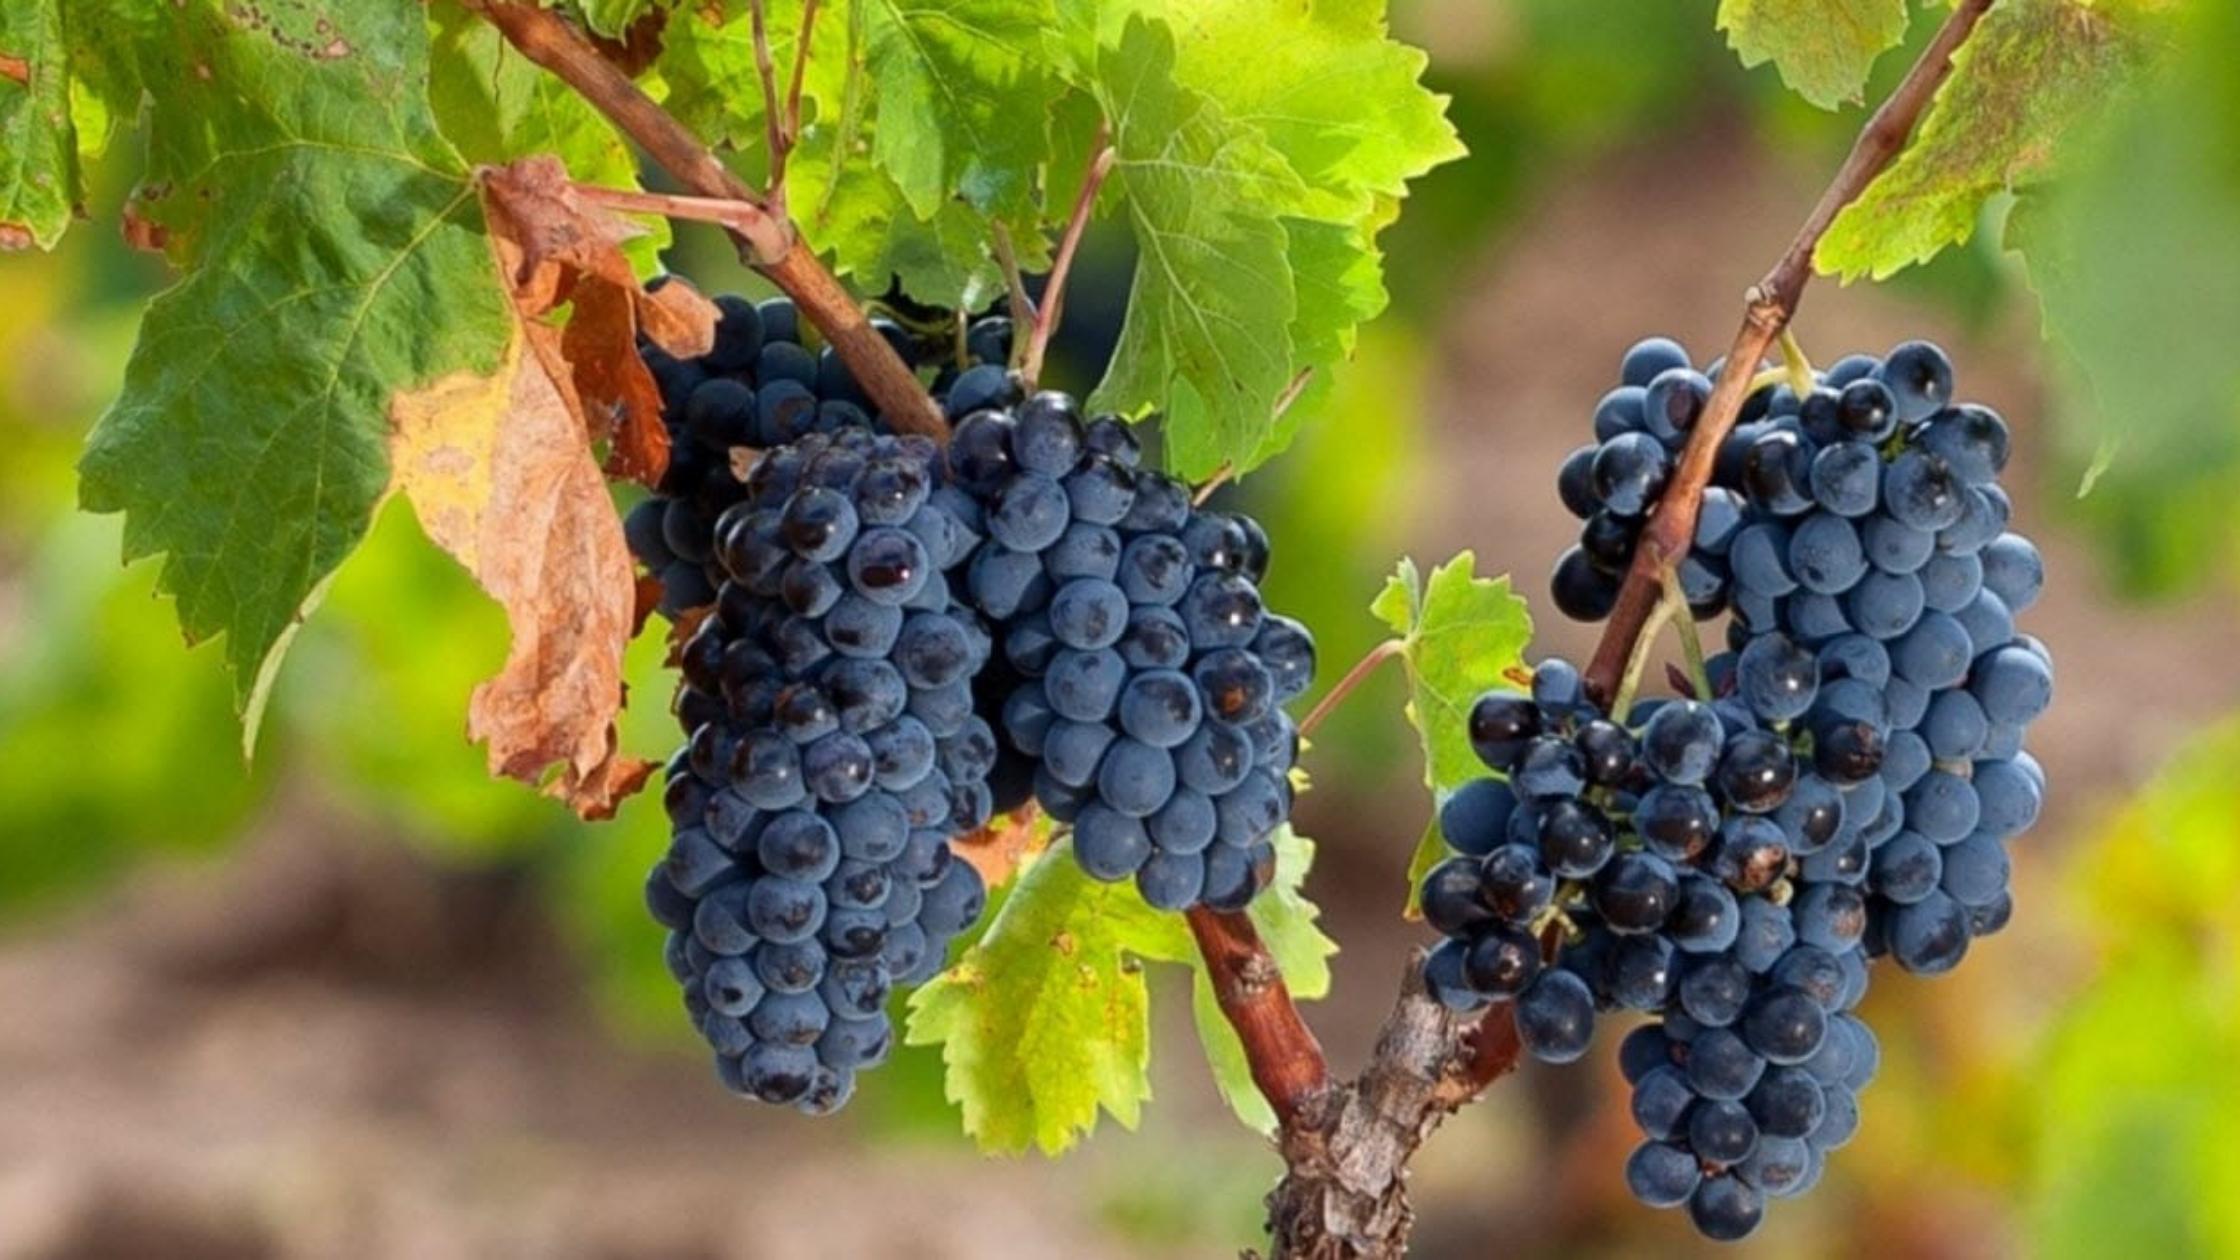 Desechos de uva podrían ser utilizado como materia prima para farmacéuticas y cosméticos